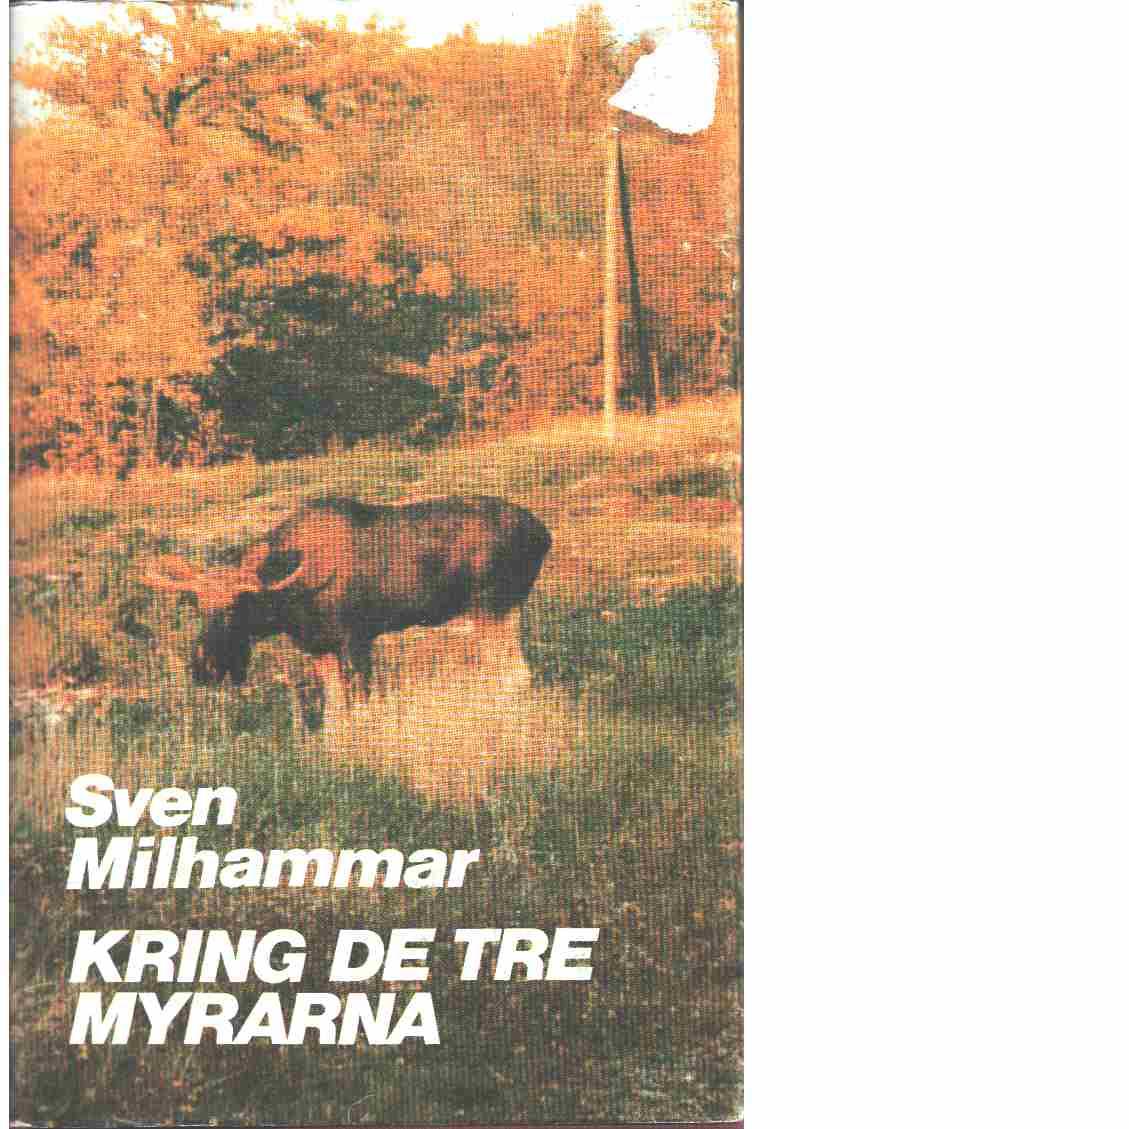 Kring de tre myrarna - Milhammar, Sven